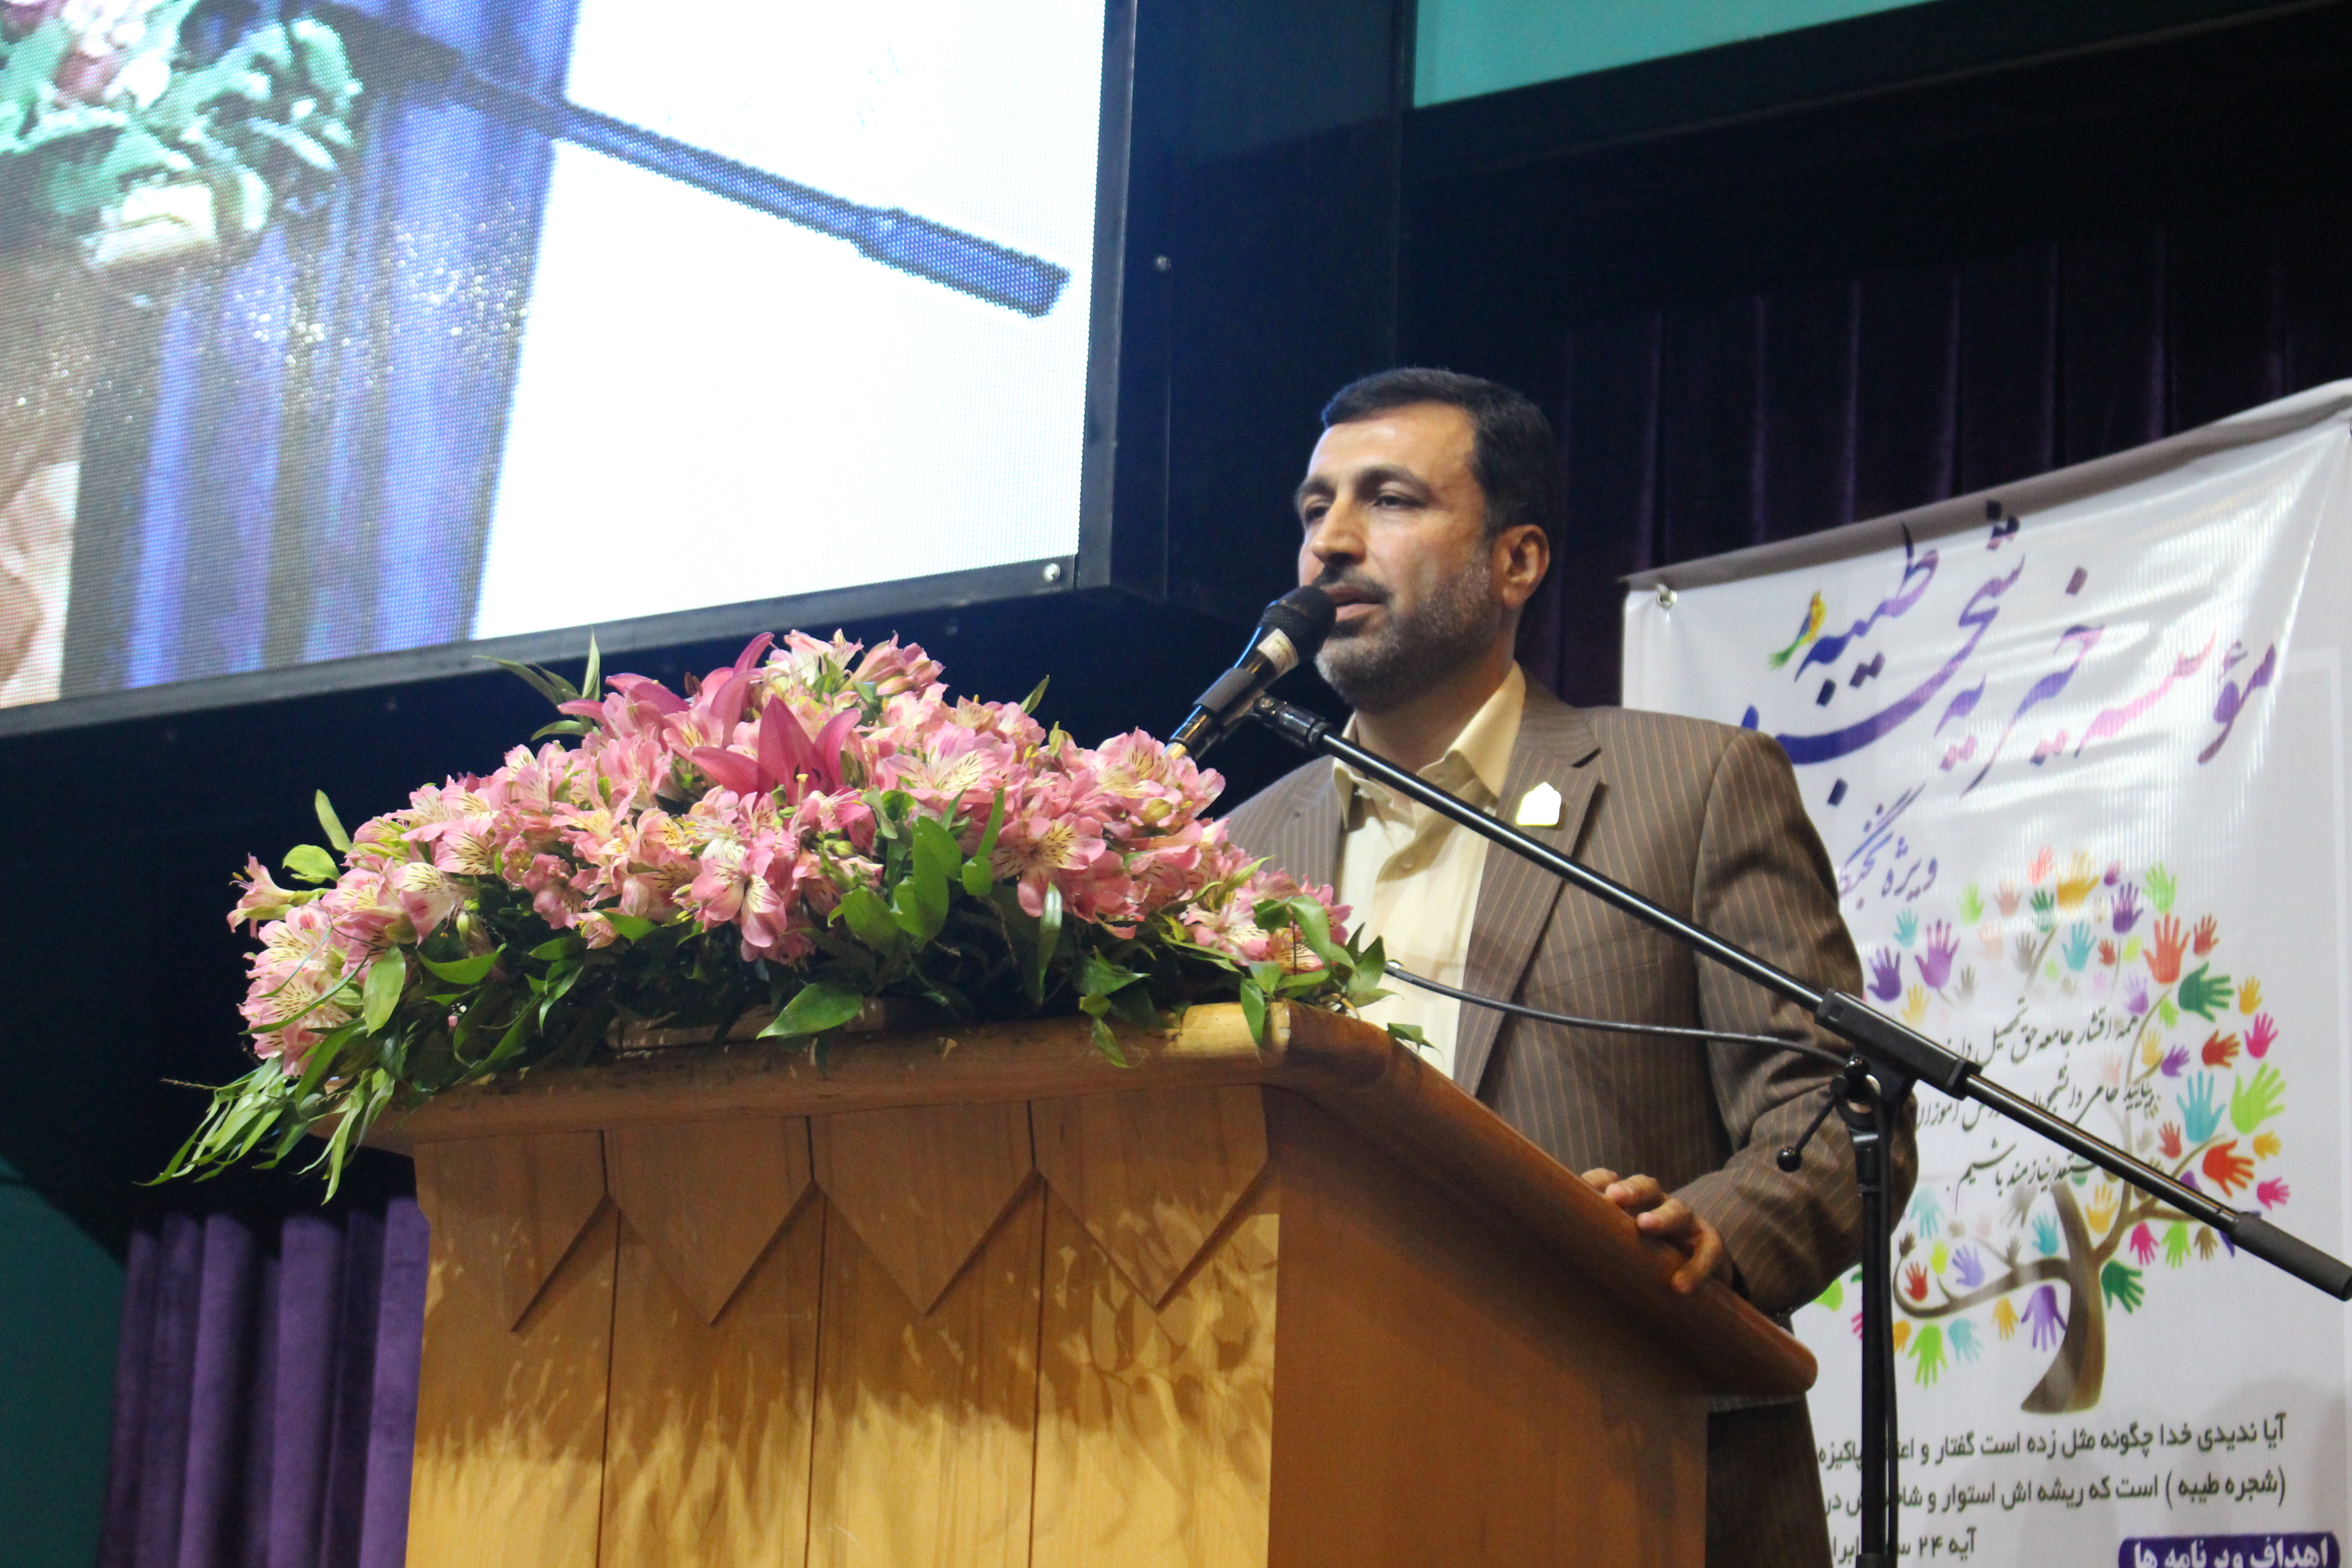 اصفهان- مدیر عامل خیریه شجره طیبه